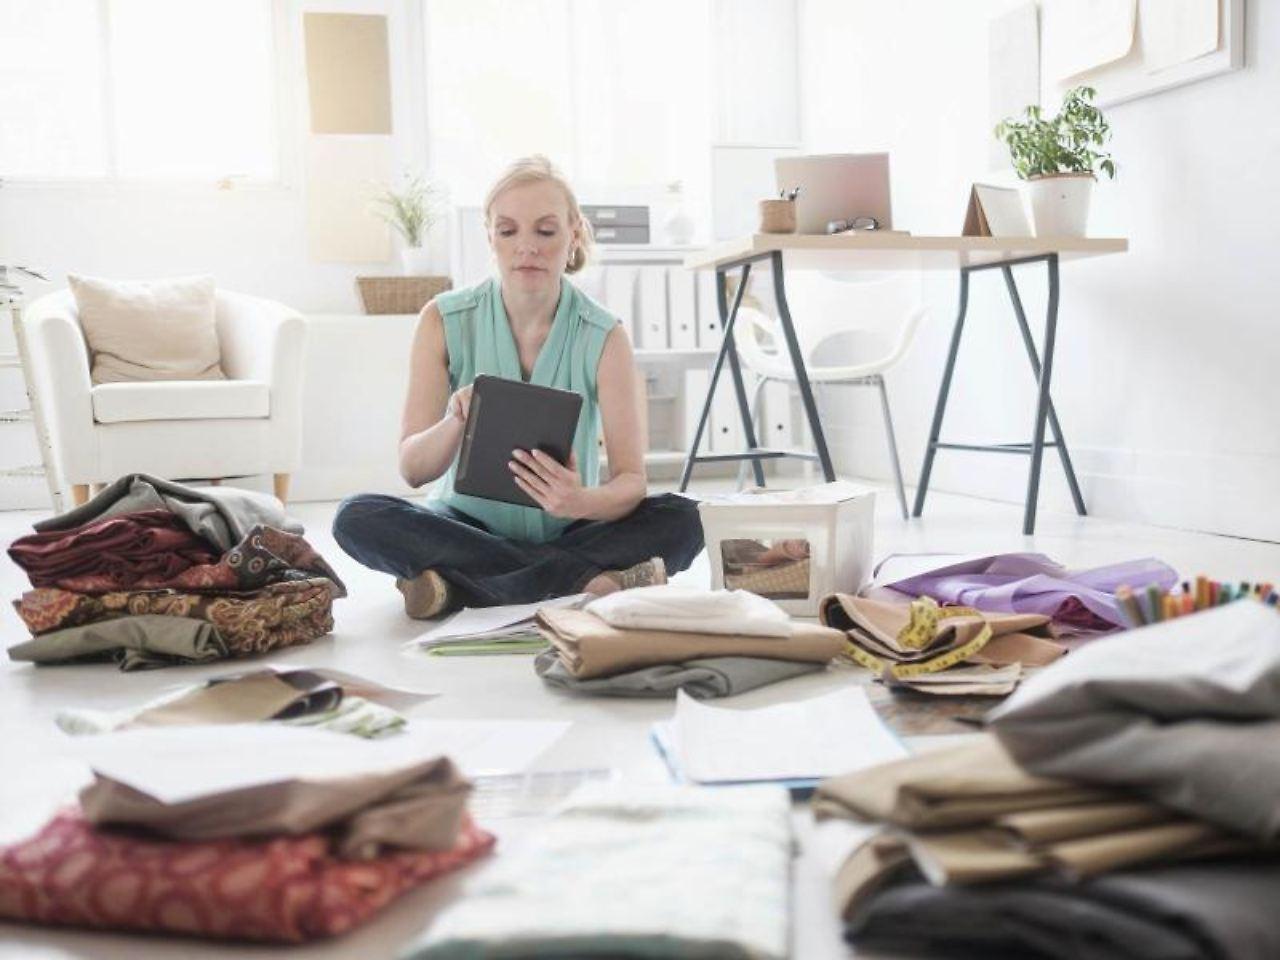 Zu Hause arbeiten: Gewerbliche Nutzung nur mit Erlaubnis? - n-tv.de